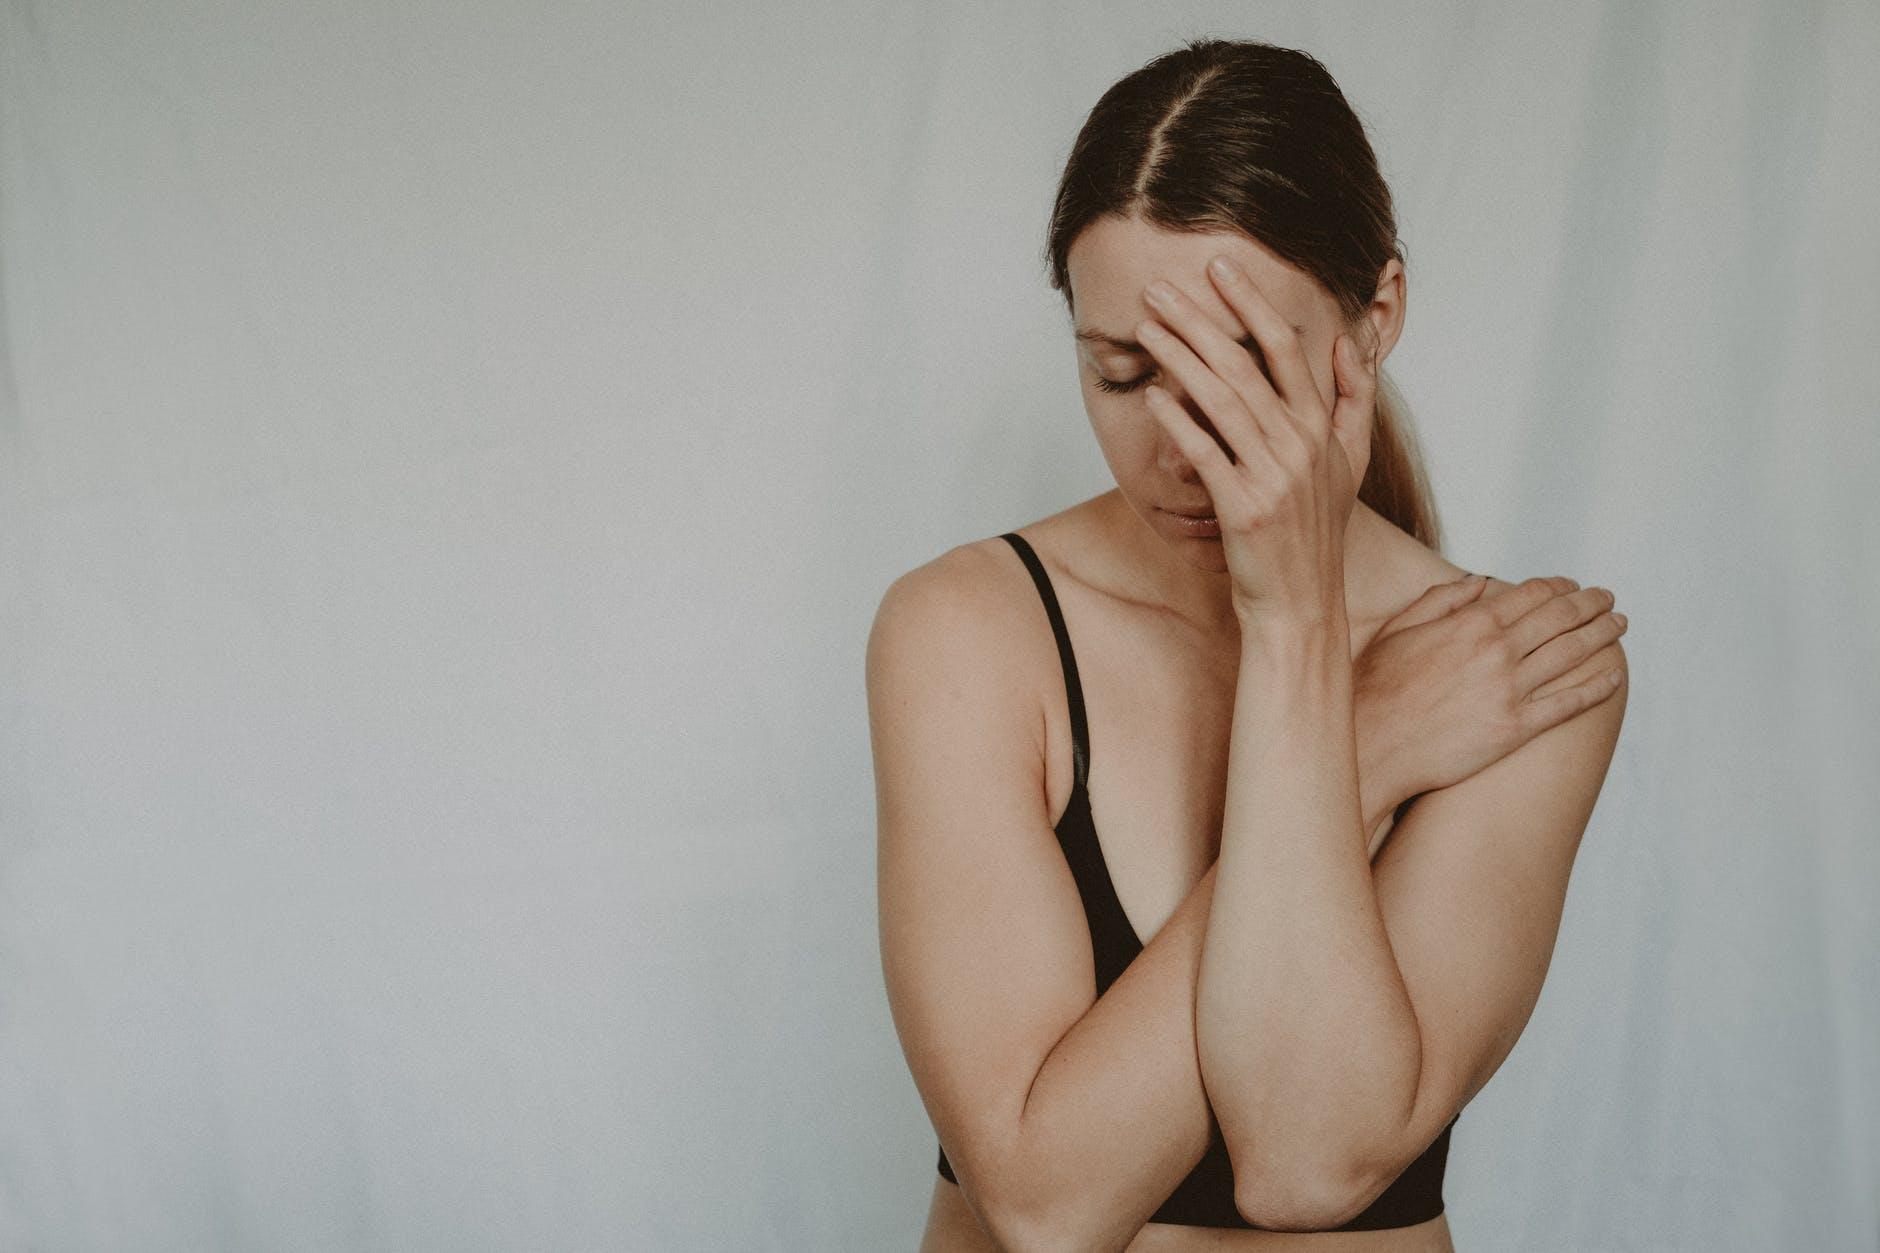 Можно ли простить измену: мужское и женское мнение экспертов и психологов Colady